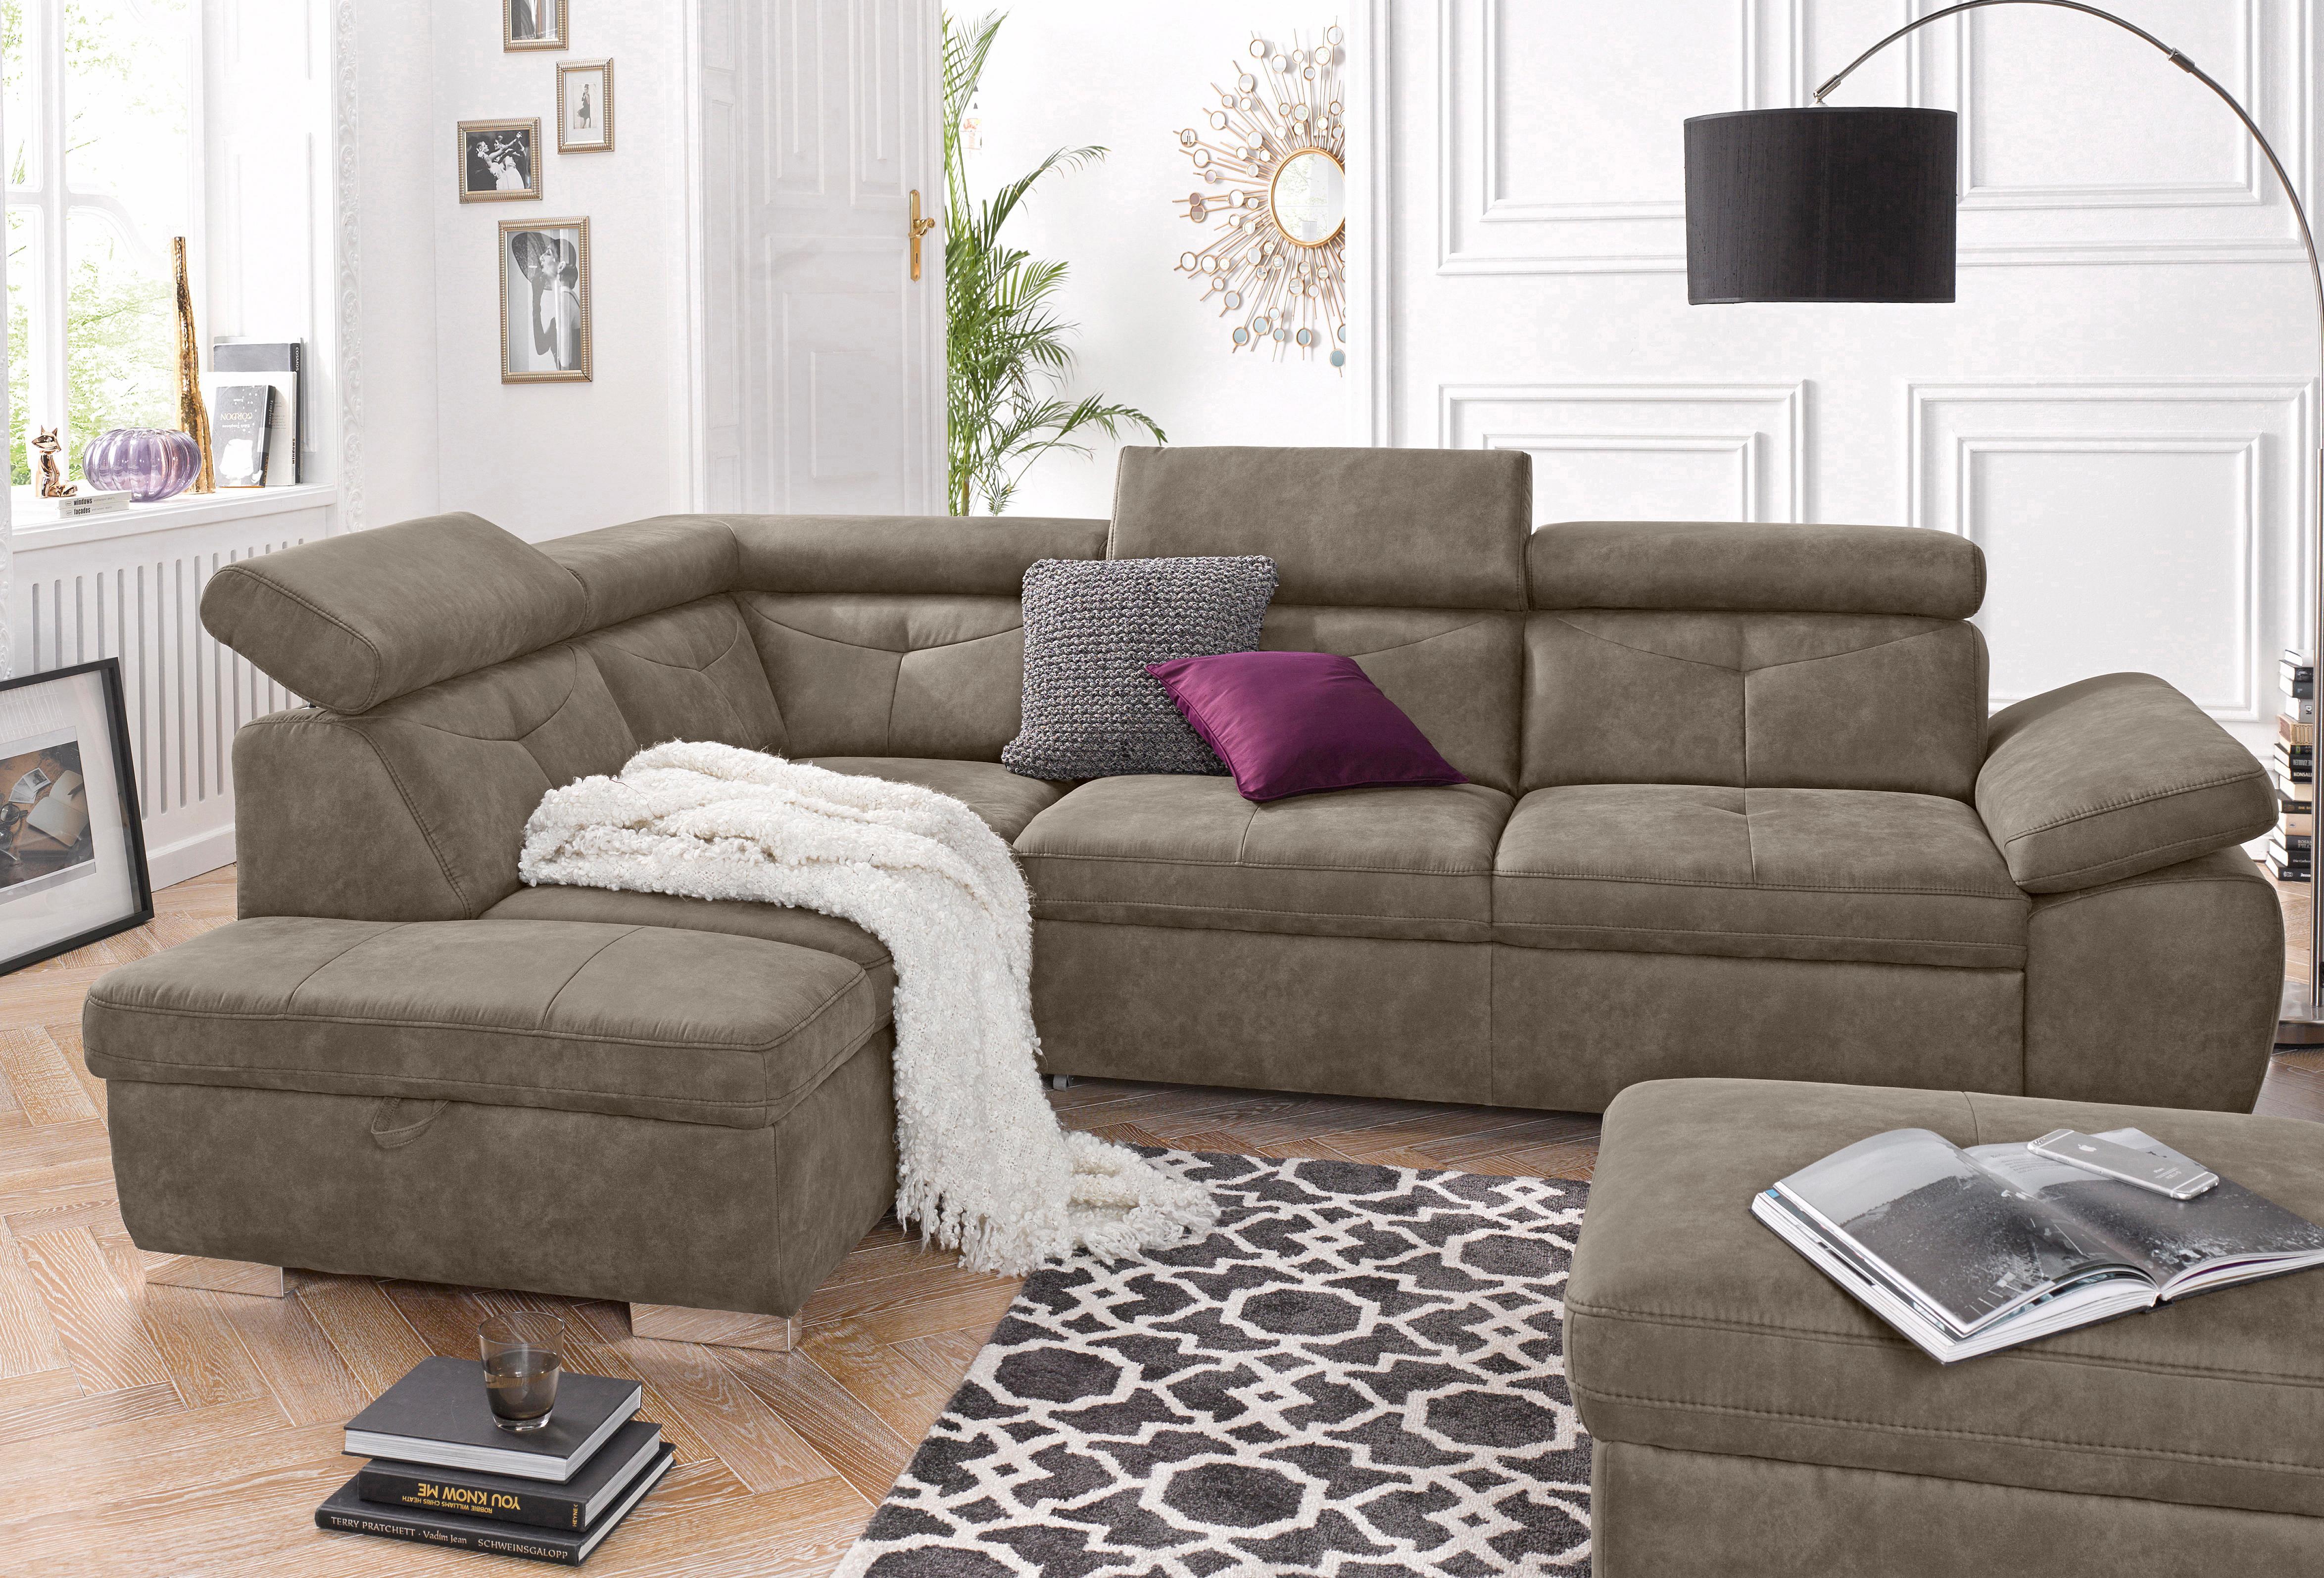 exxpo - sofa fashion Polsterecke wahlweise mit Bettfunktion | Wohnzimmer > Sofas & Couches > Ecksofas & Eckcouches | Microfaser - Kunstleder | Exxpo Sofa Fashion